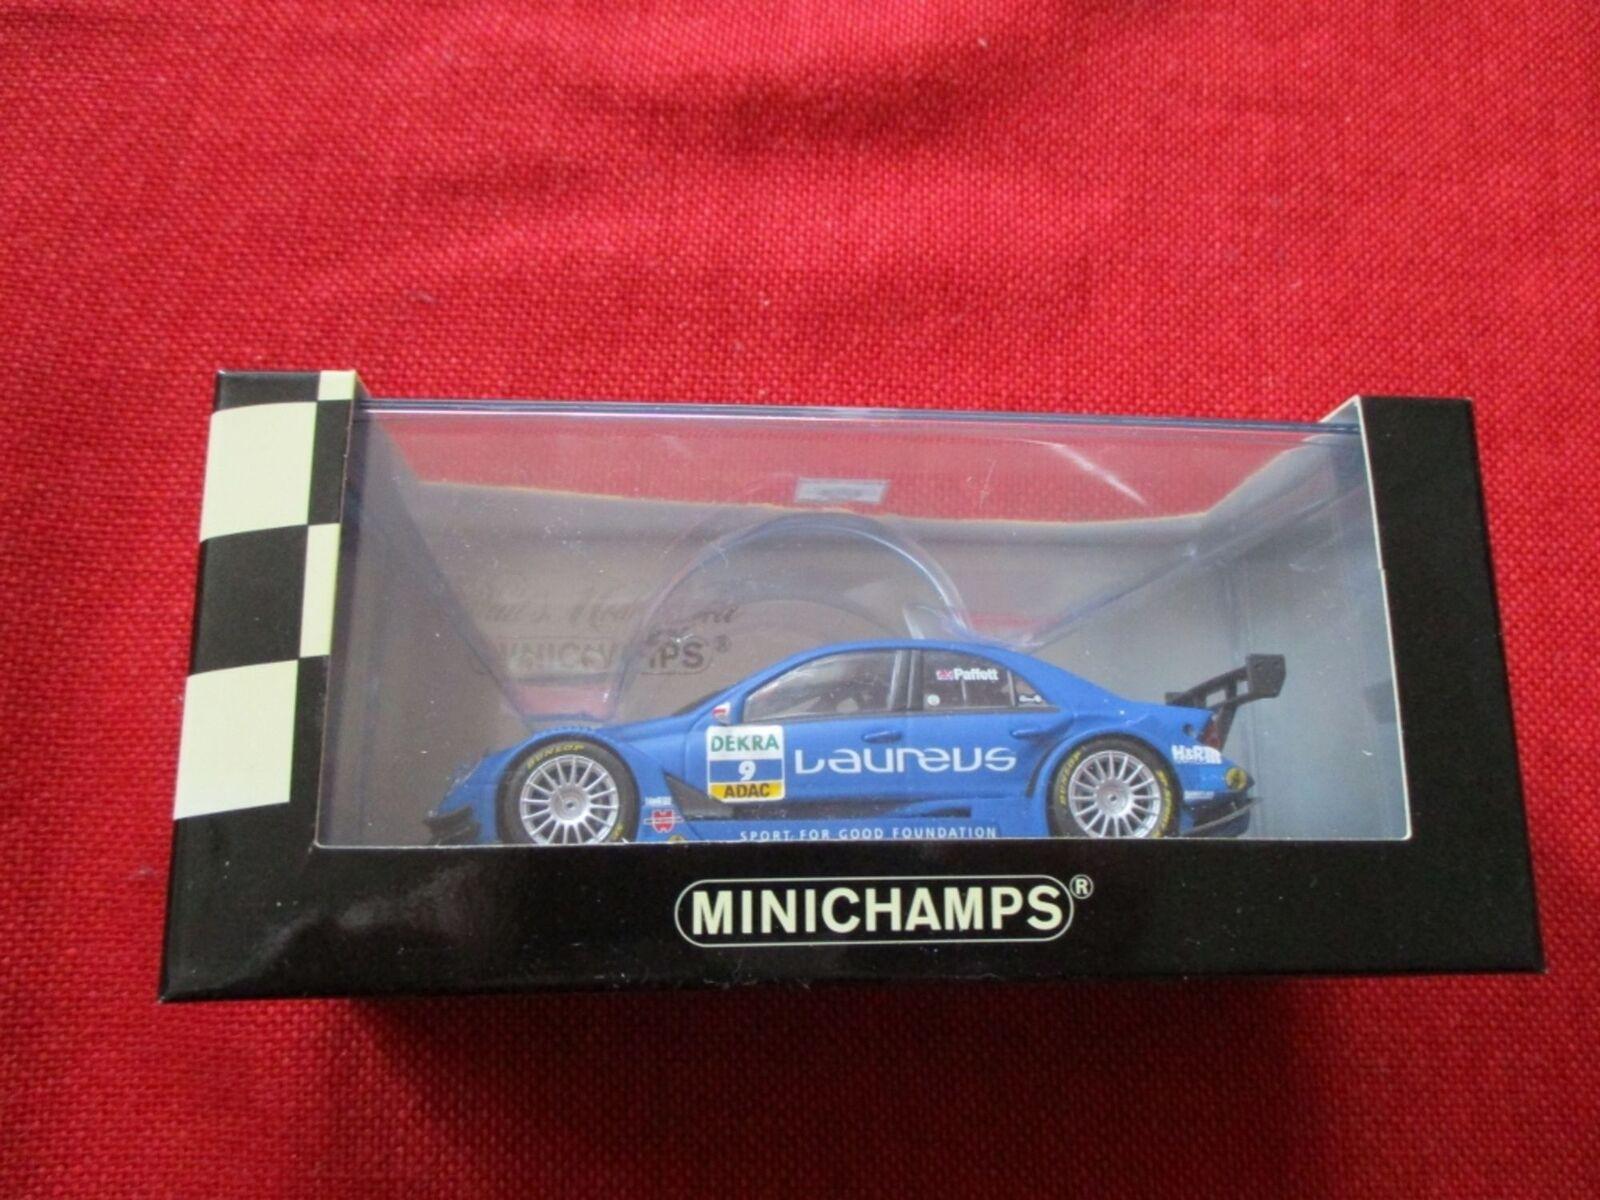 Minichamps ® 400 073609 1 43 MERCEDES-BENZ C-CLASS DTM 2007 Persson Motorsport